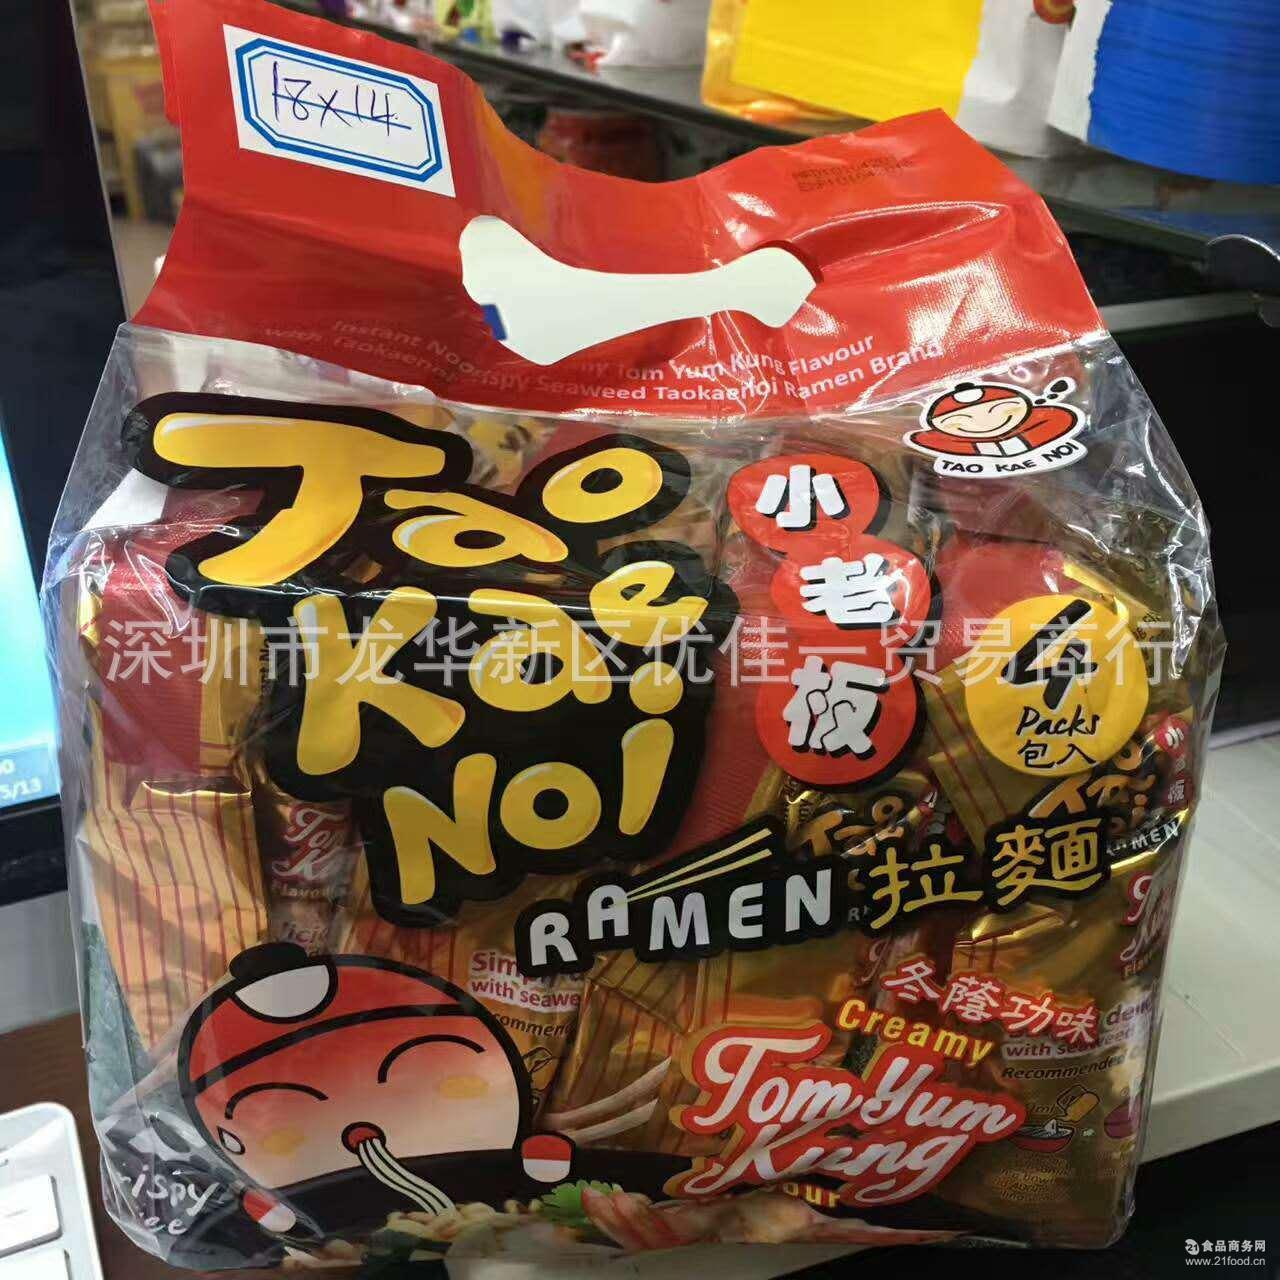 泰国进口方便面 箱 小老板海苔拉面冬阴功价格   1,欢迎光临本公司,您